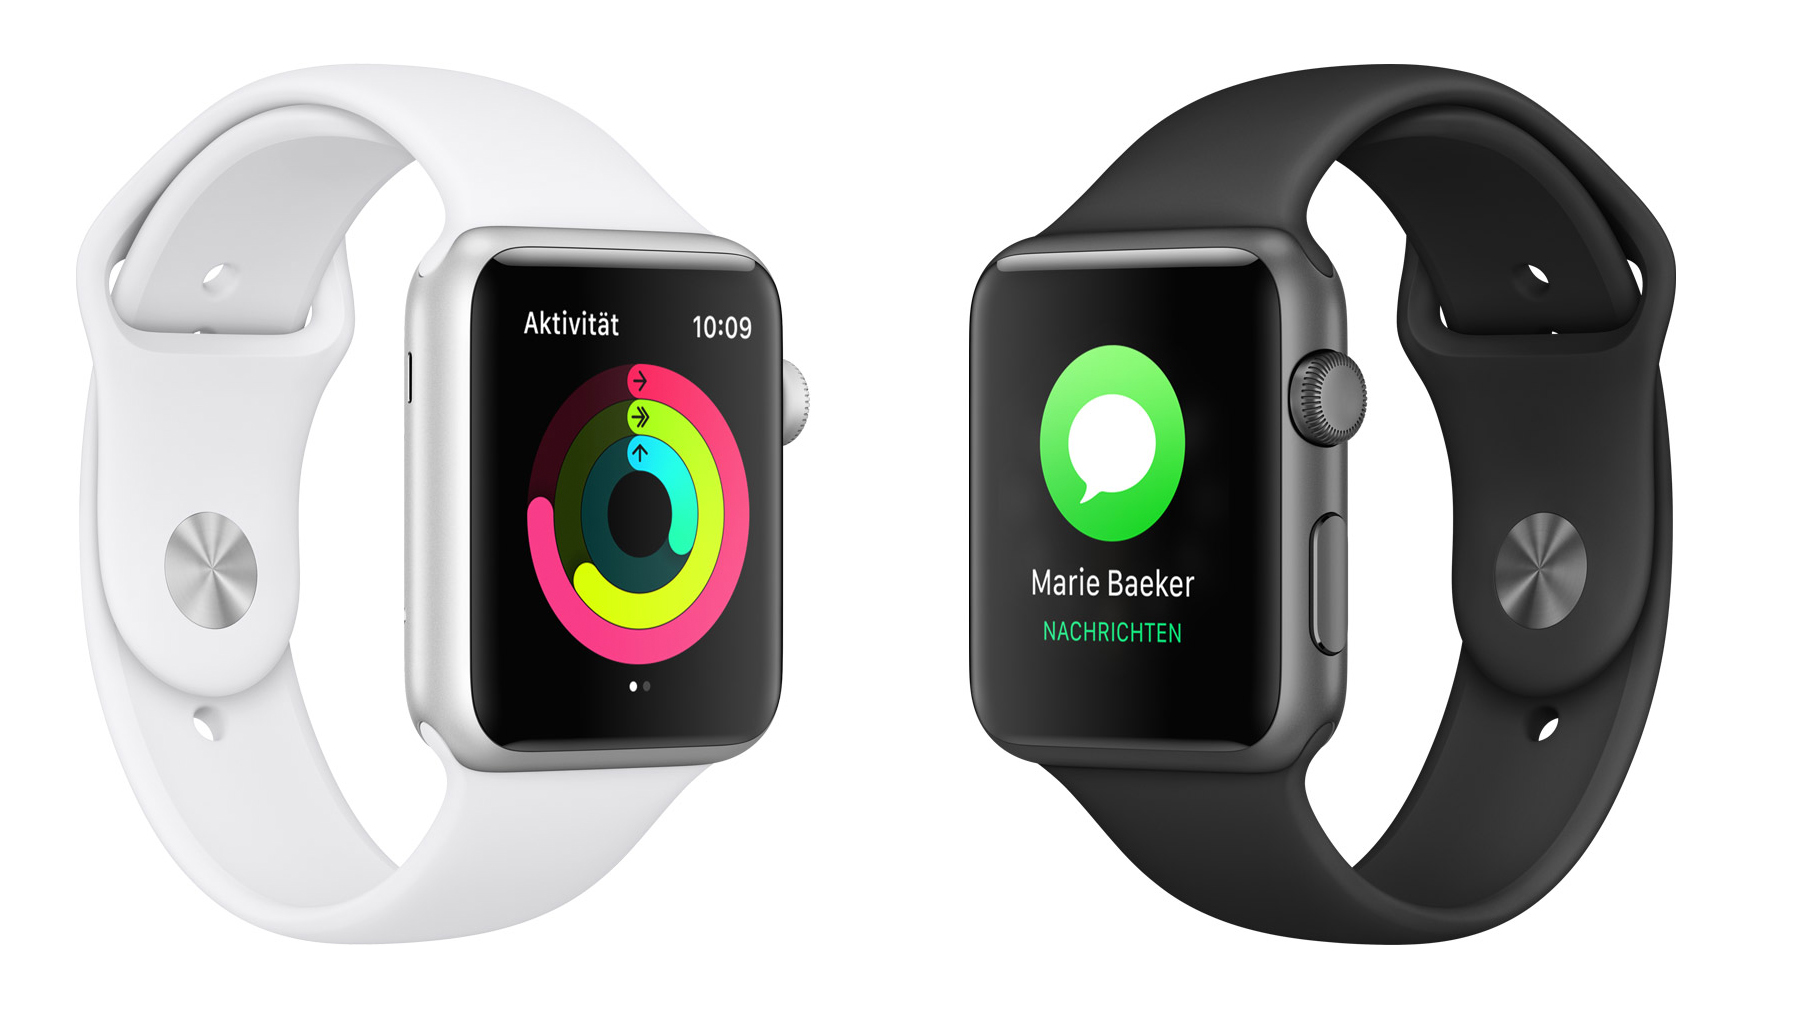 apple watch berholt die schweizer uhrenindustrie. Black Bedroom Furniture Sets. Home Design Ideas